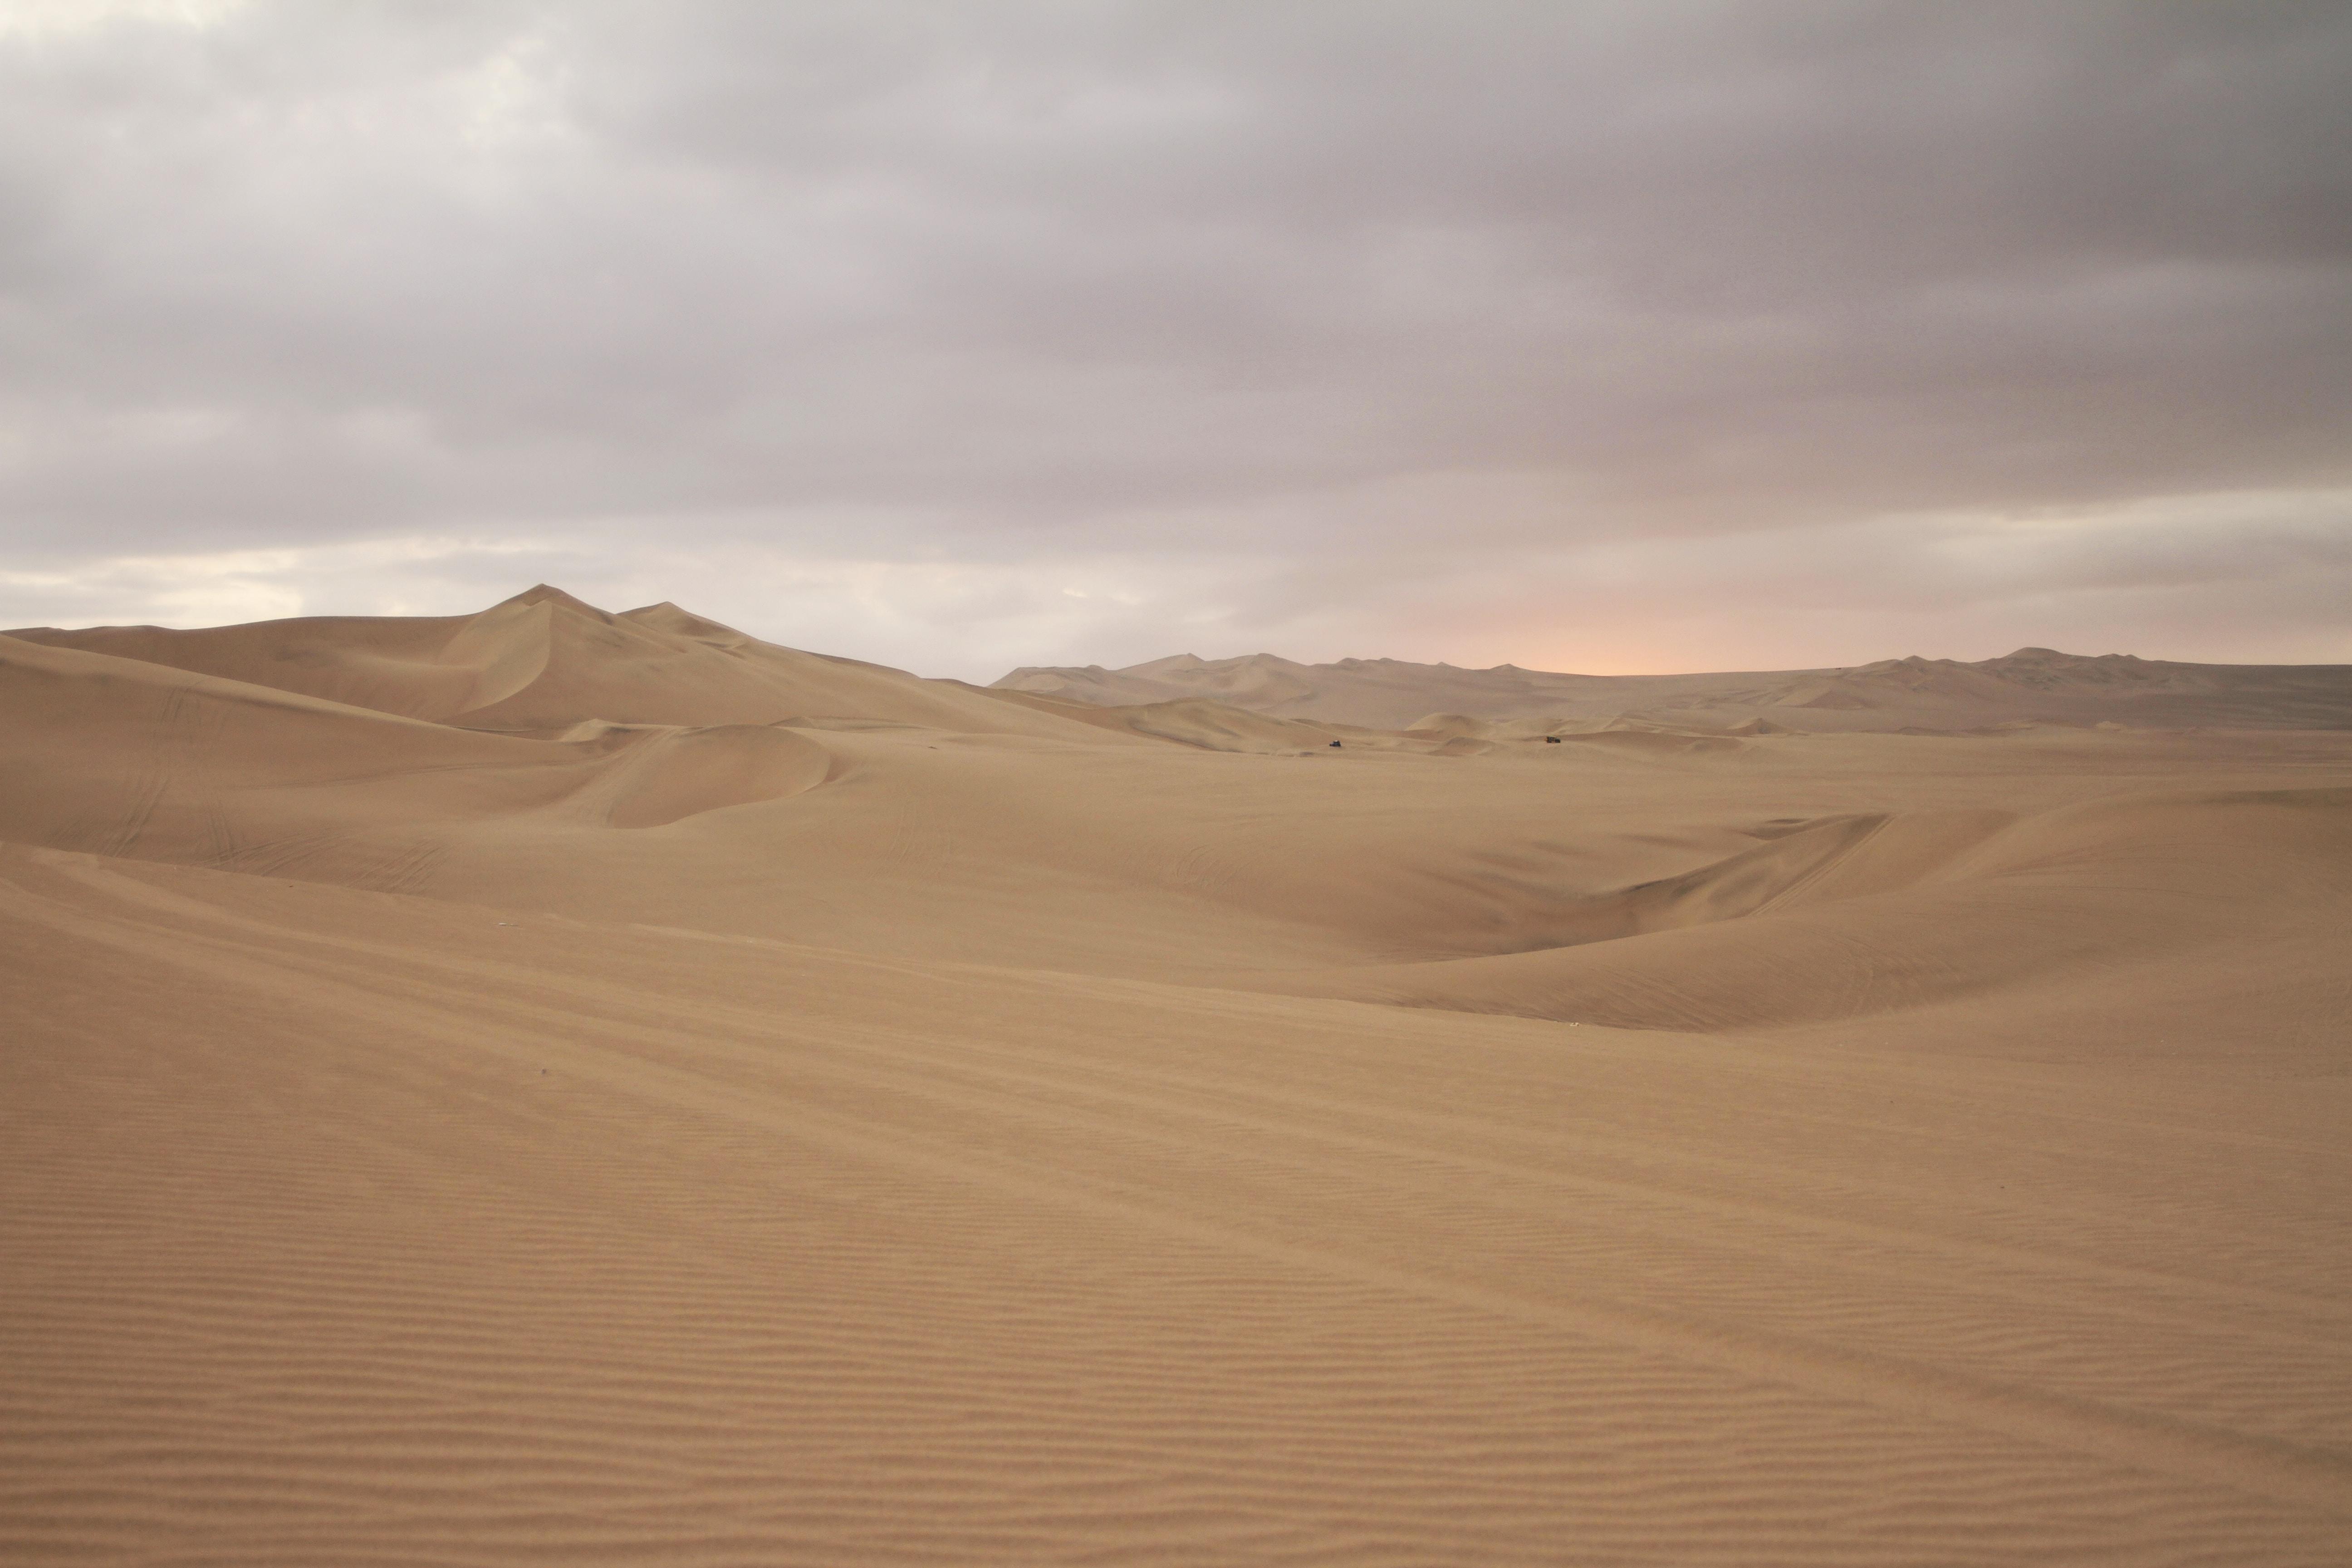 desert under cloudy sky